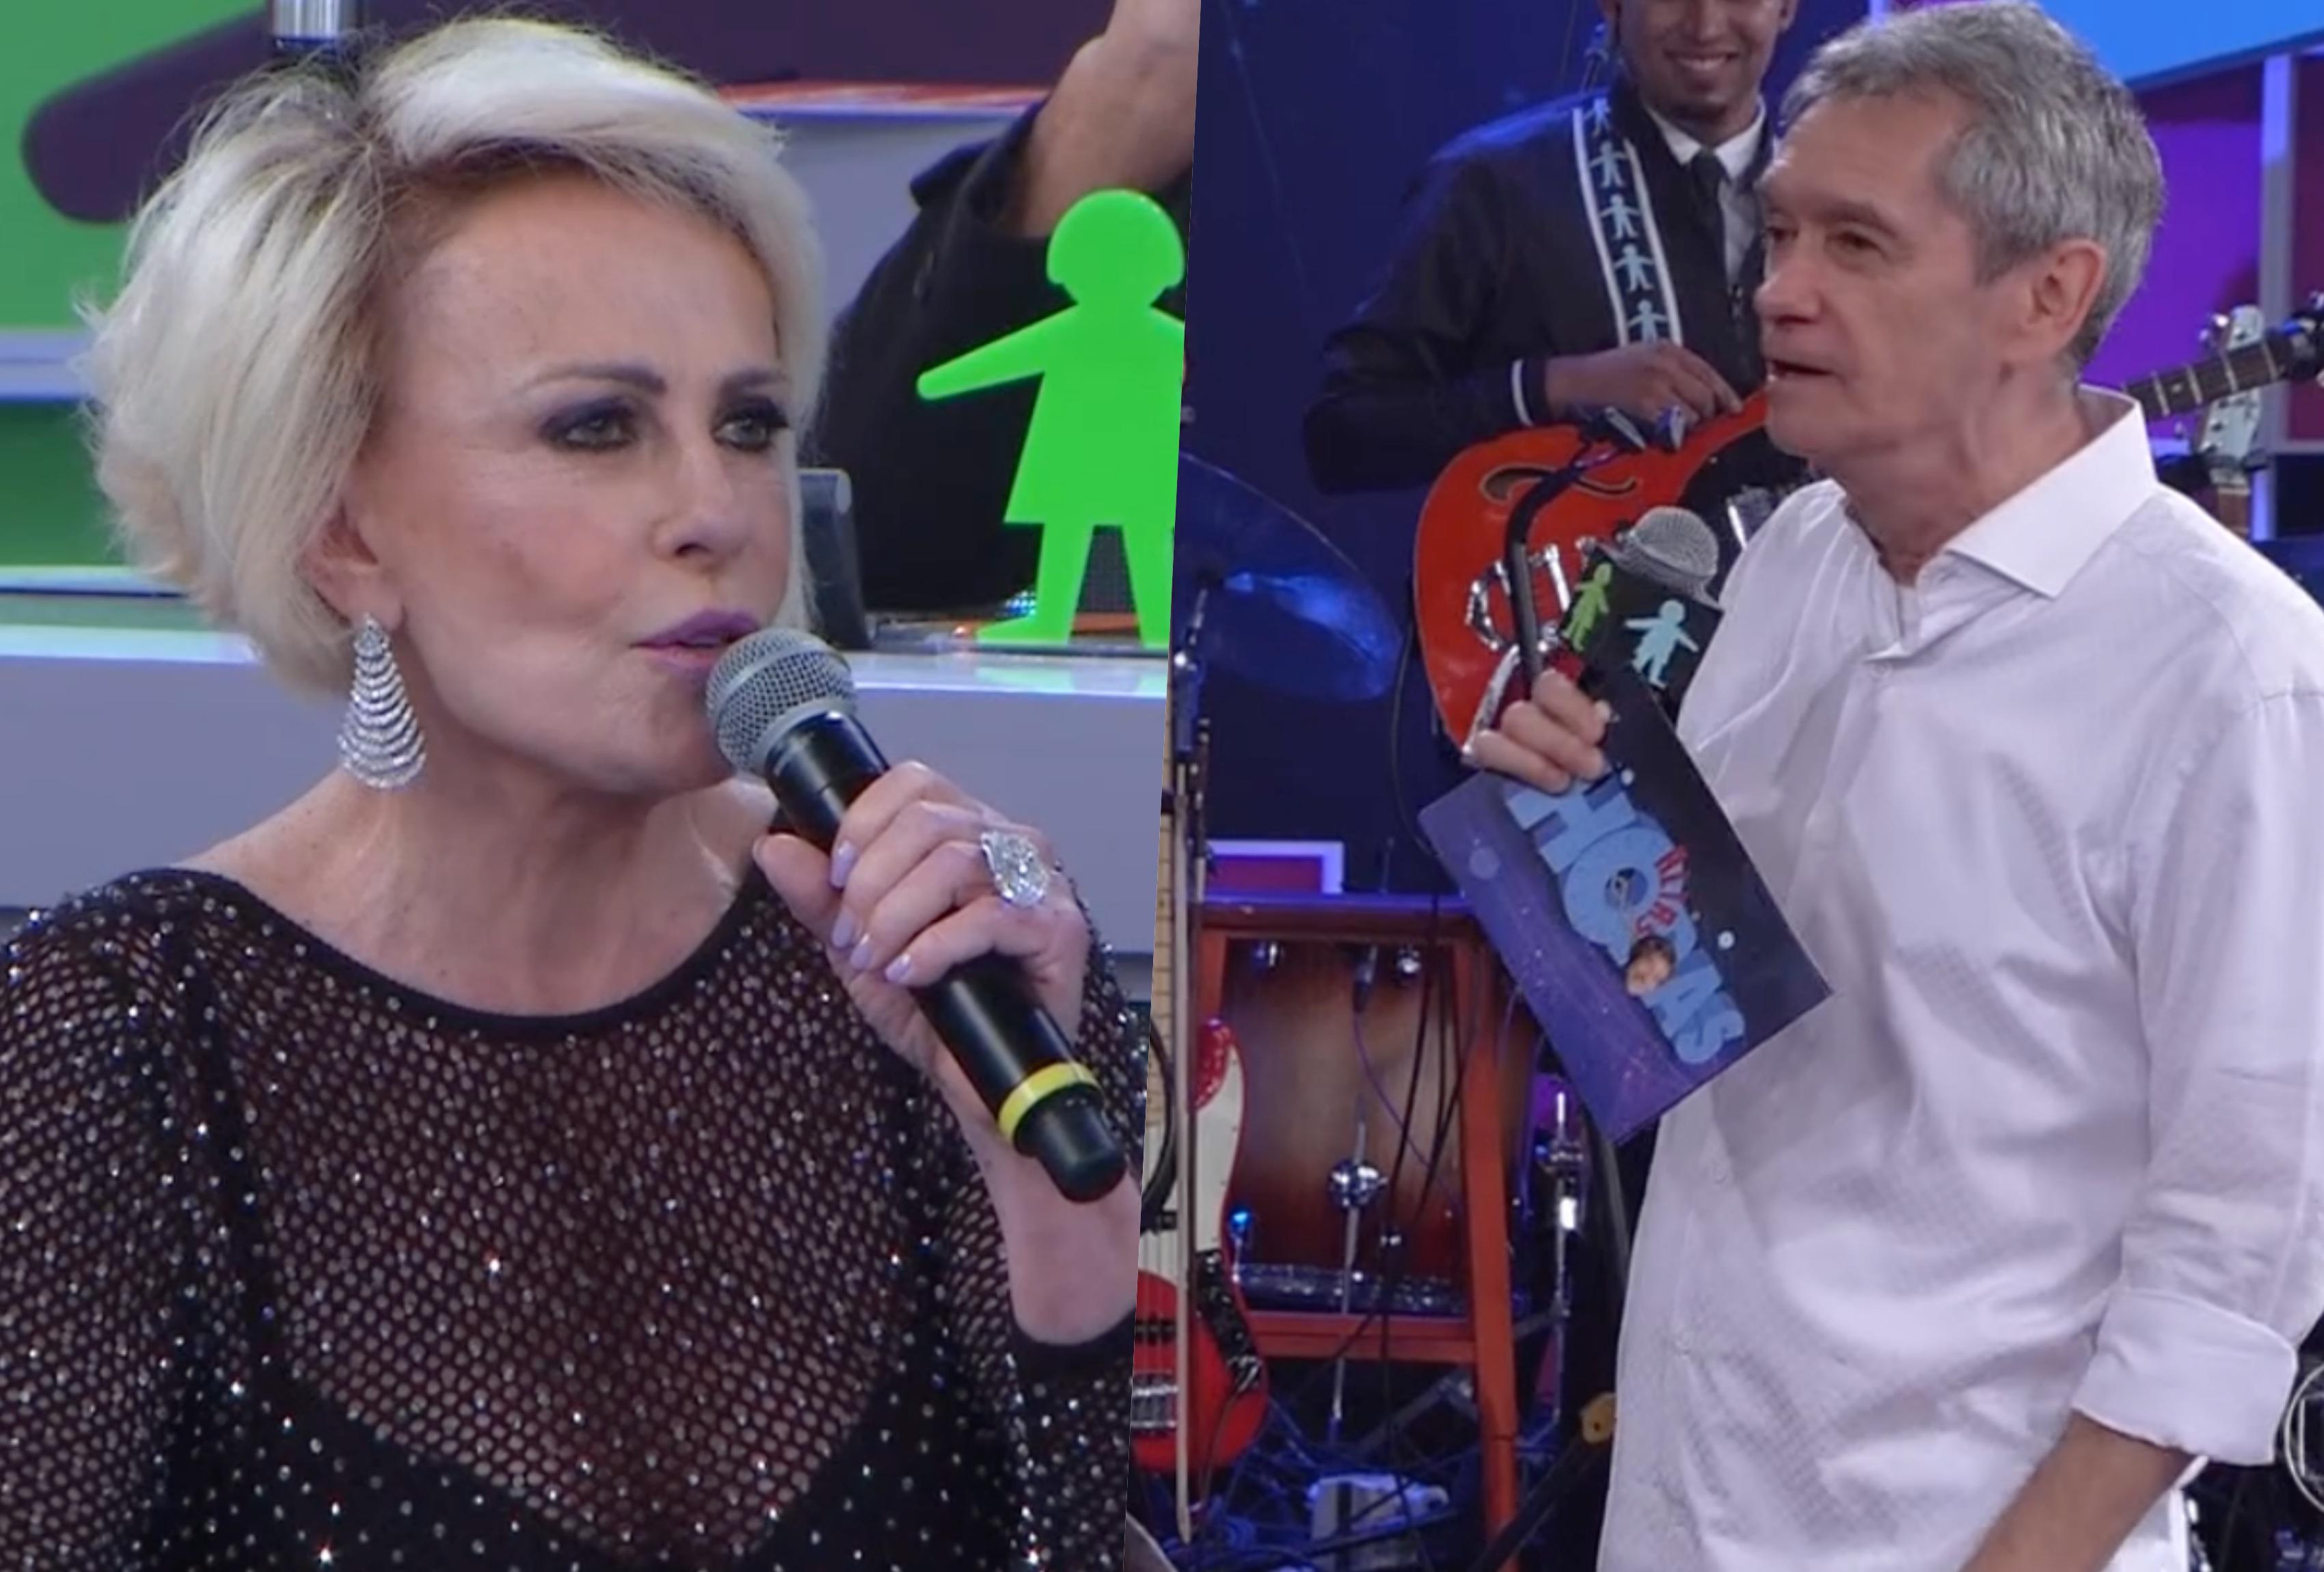 Ana Maria Braga teve segredo exposto ao vivo no Altas Horas da Globo (Foto montagem: TV Foco)